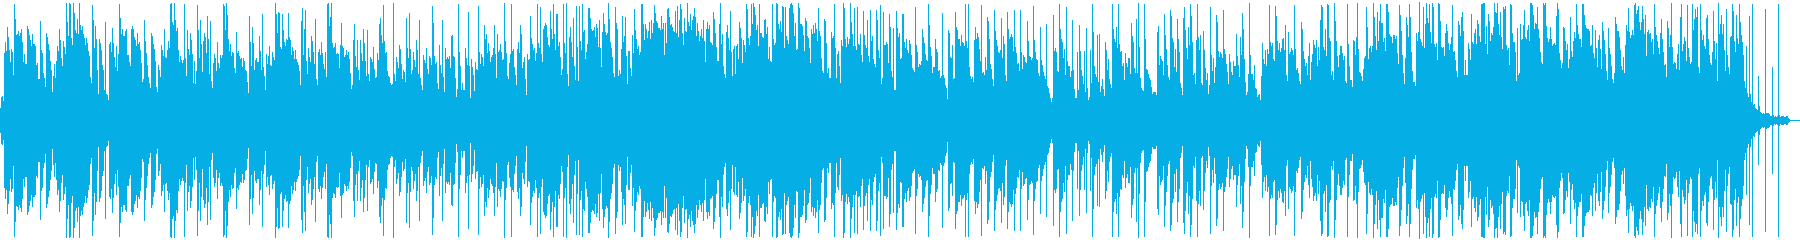 風に吹かれての再生済みの波形